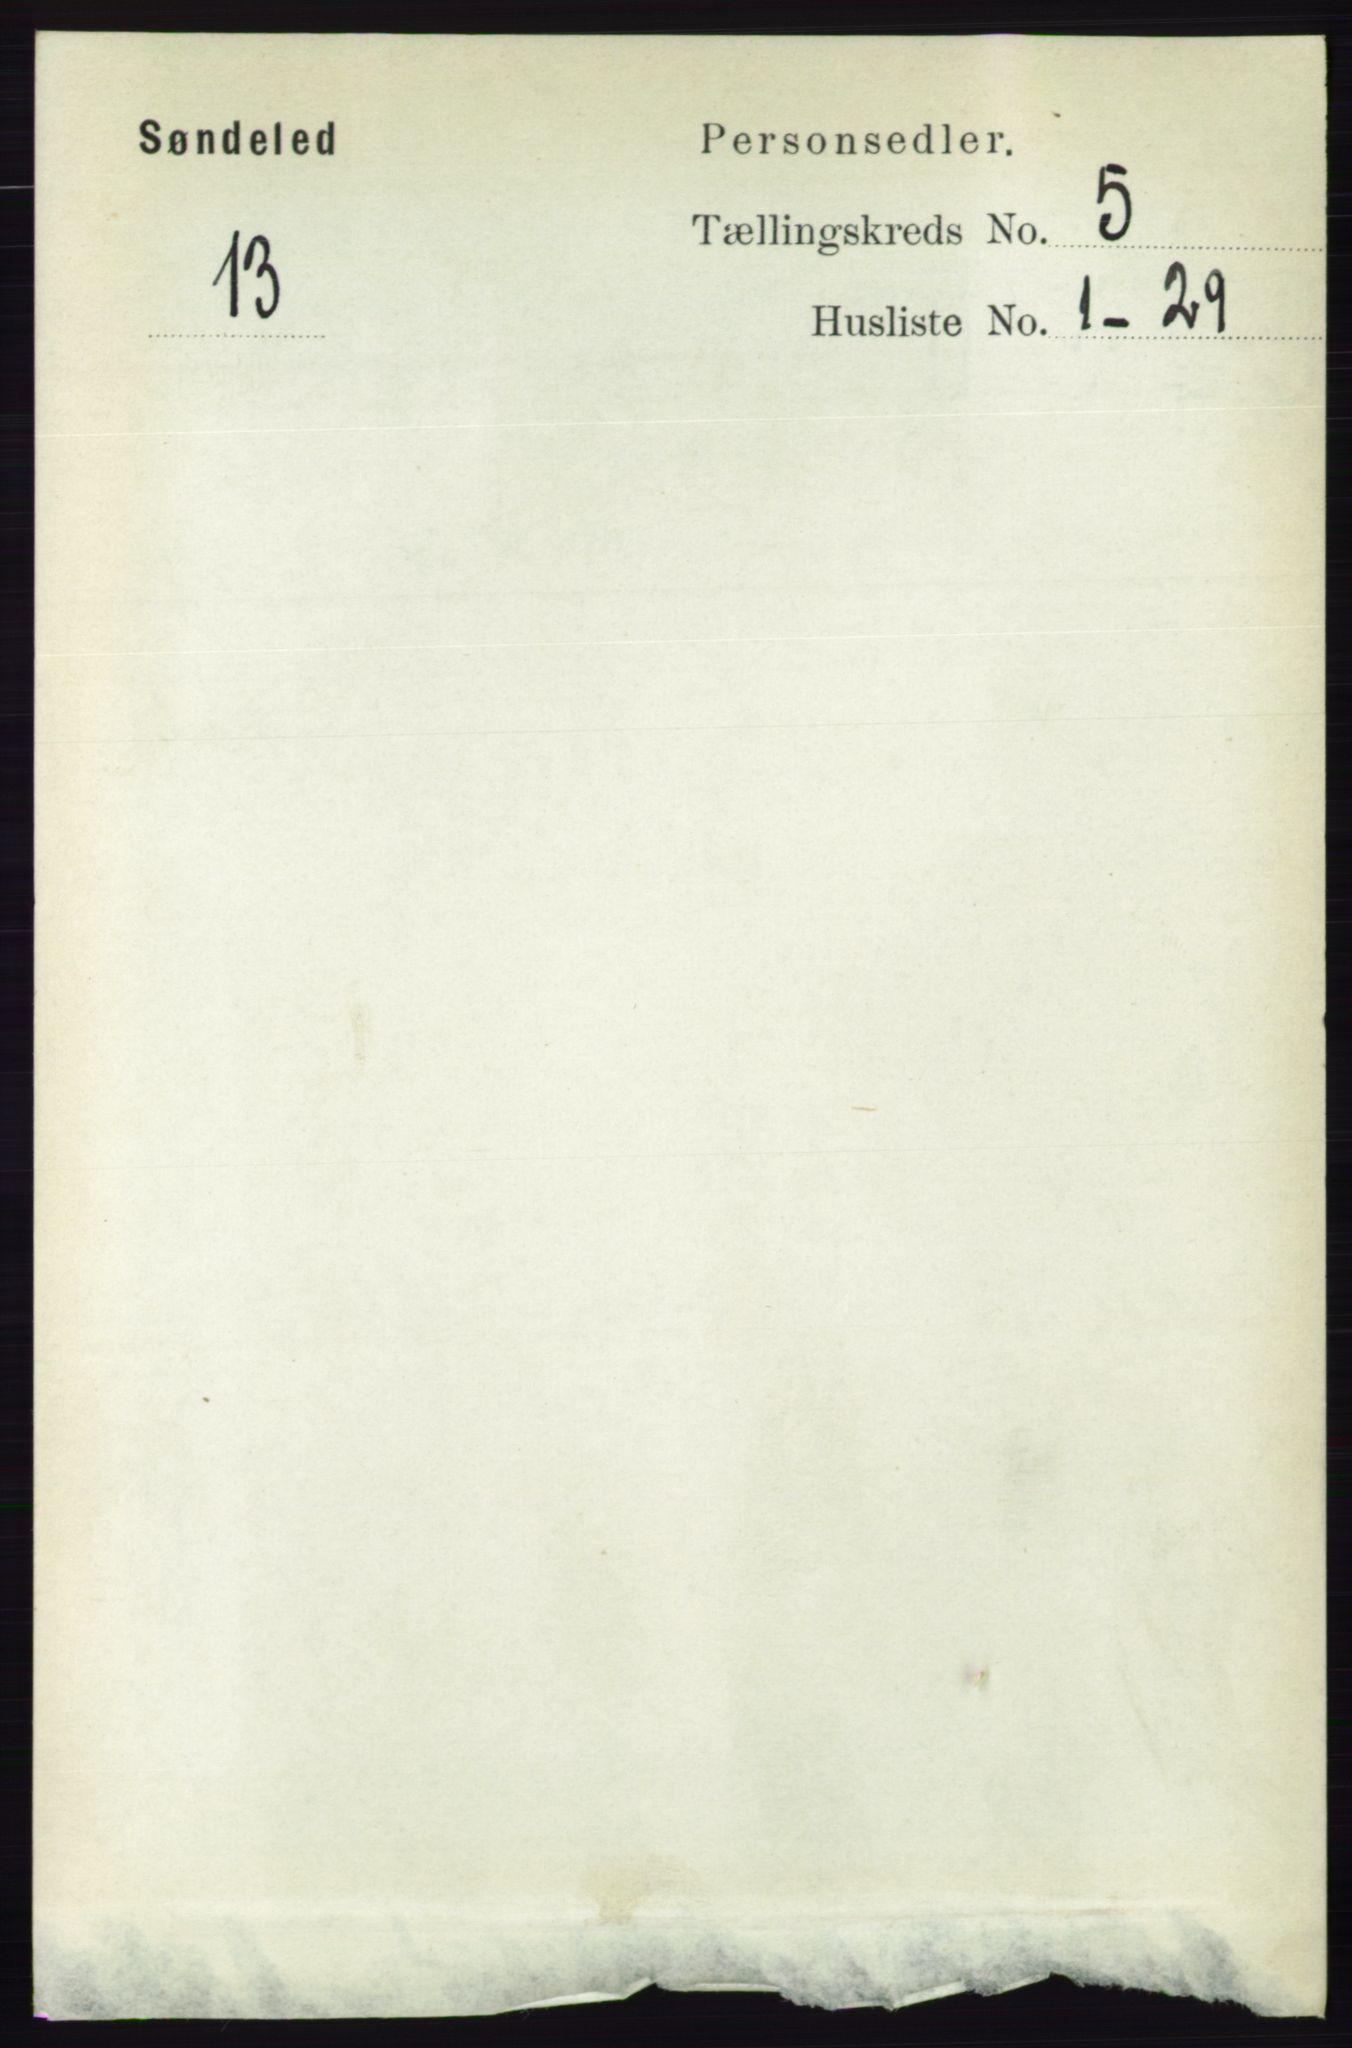 RA, Folketelling 1891 for 0913 Søndeled herred, 1891, s. 1216